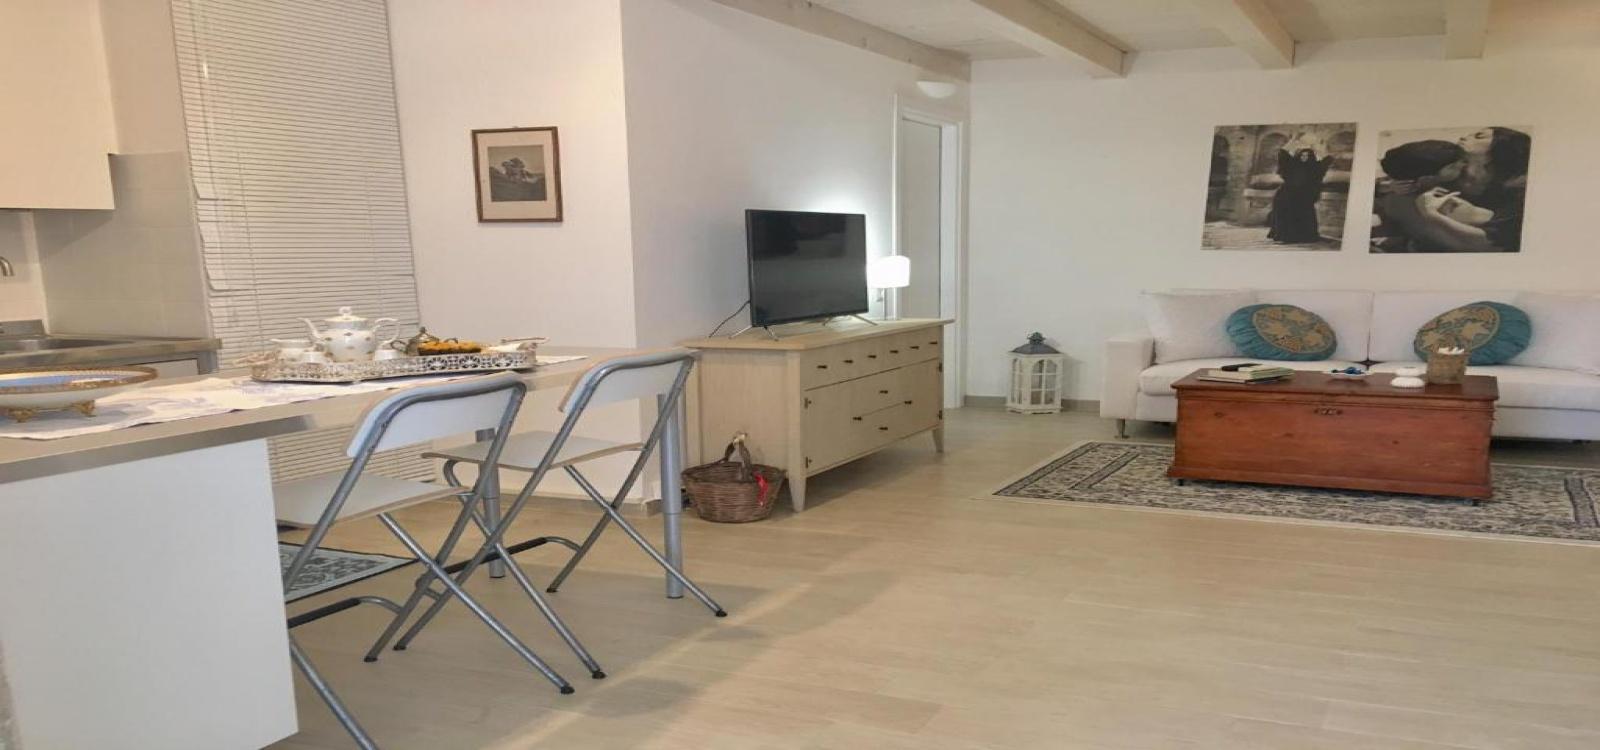 ORTIGIA,SIRACUSA,Appartamento,ORTIGIA,2447